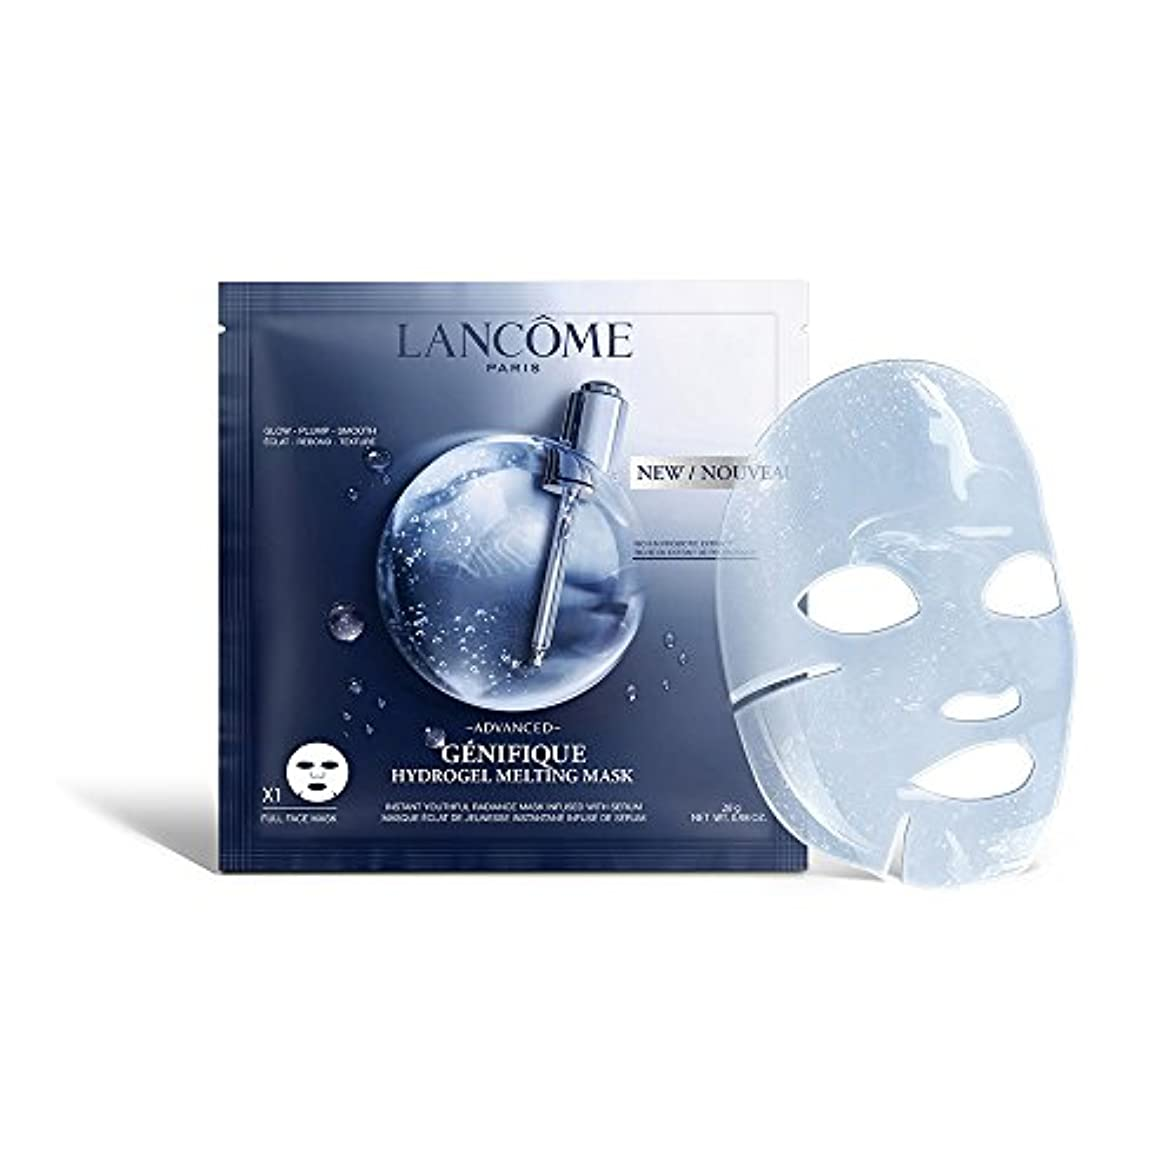 エゴイズムかなり脅かすLANCOME(ランコム) ジェニフィック アドバンスト マスク(7枚セット)